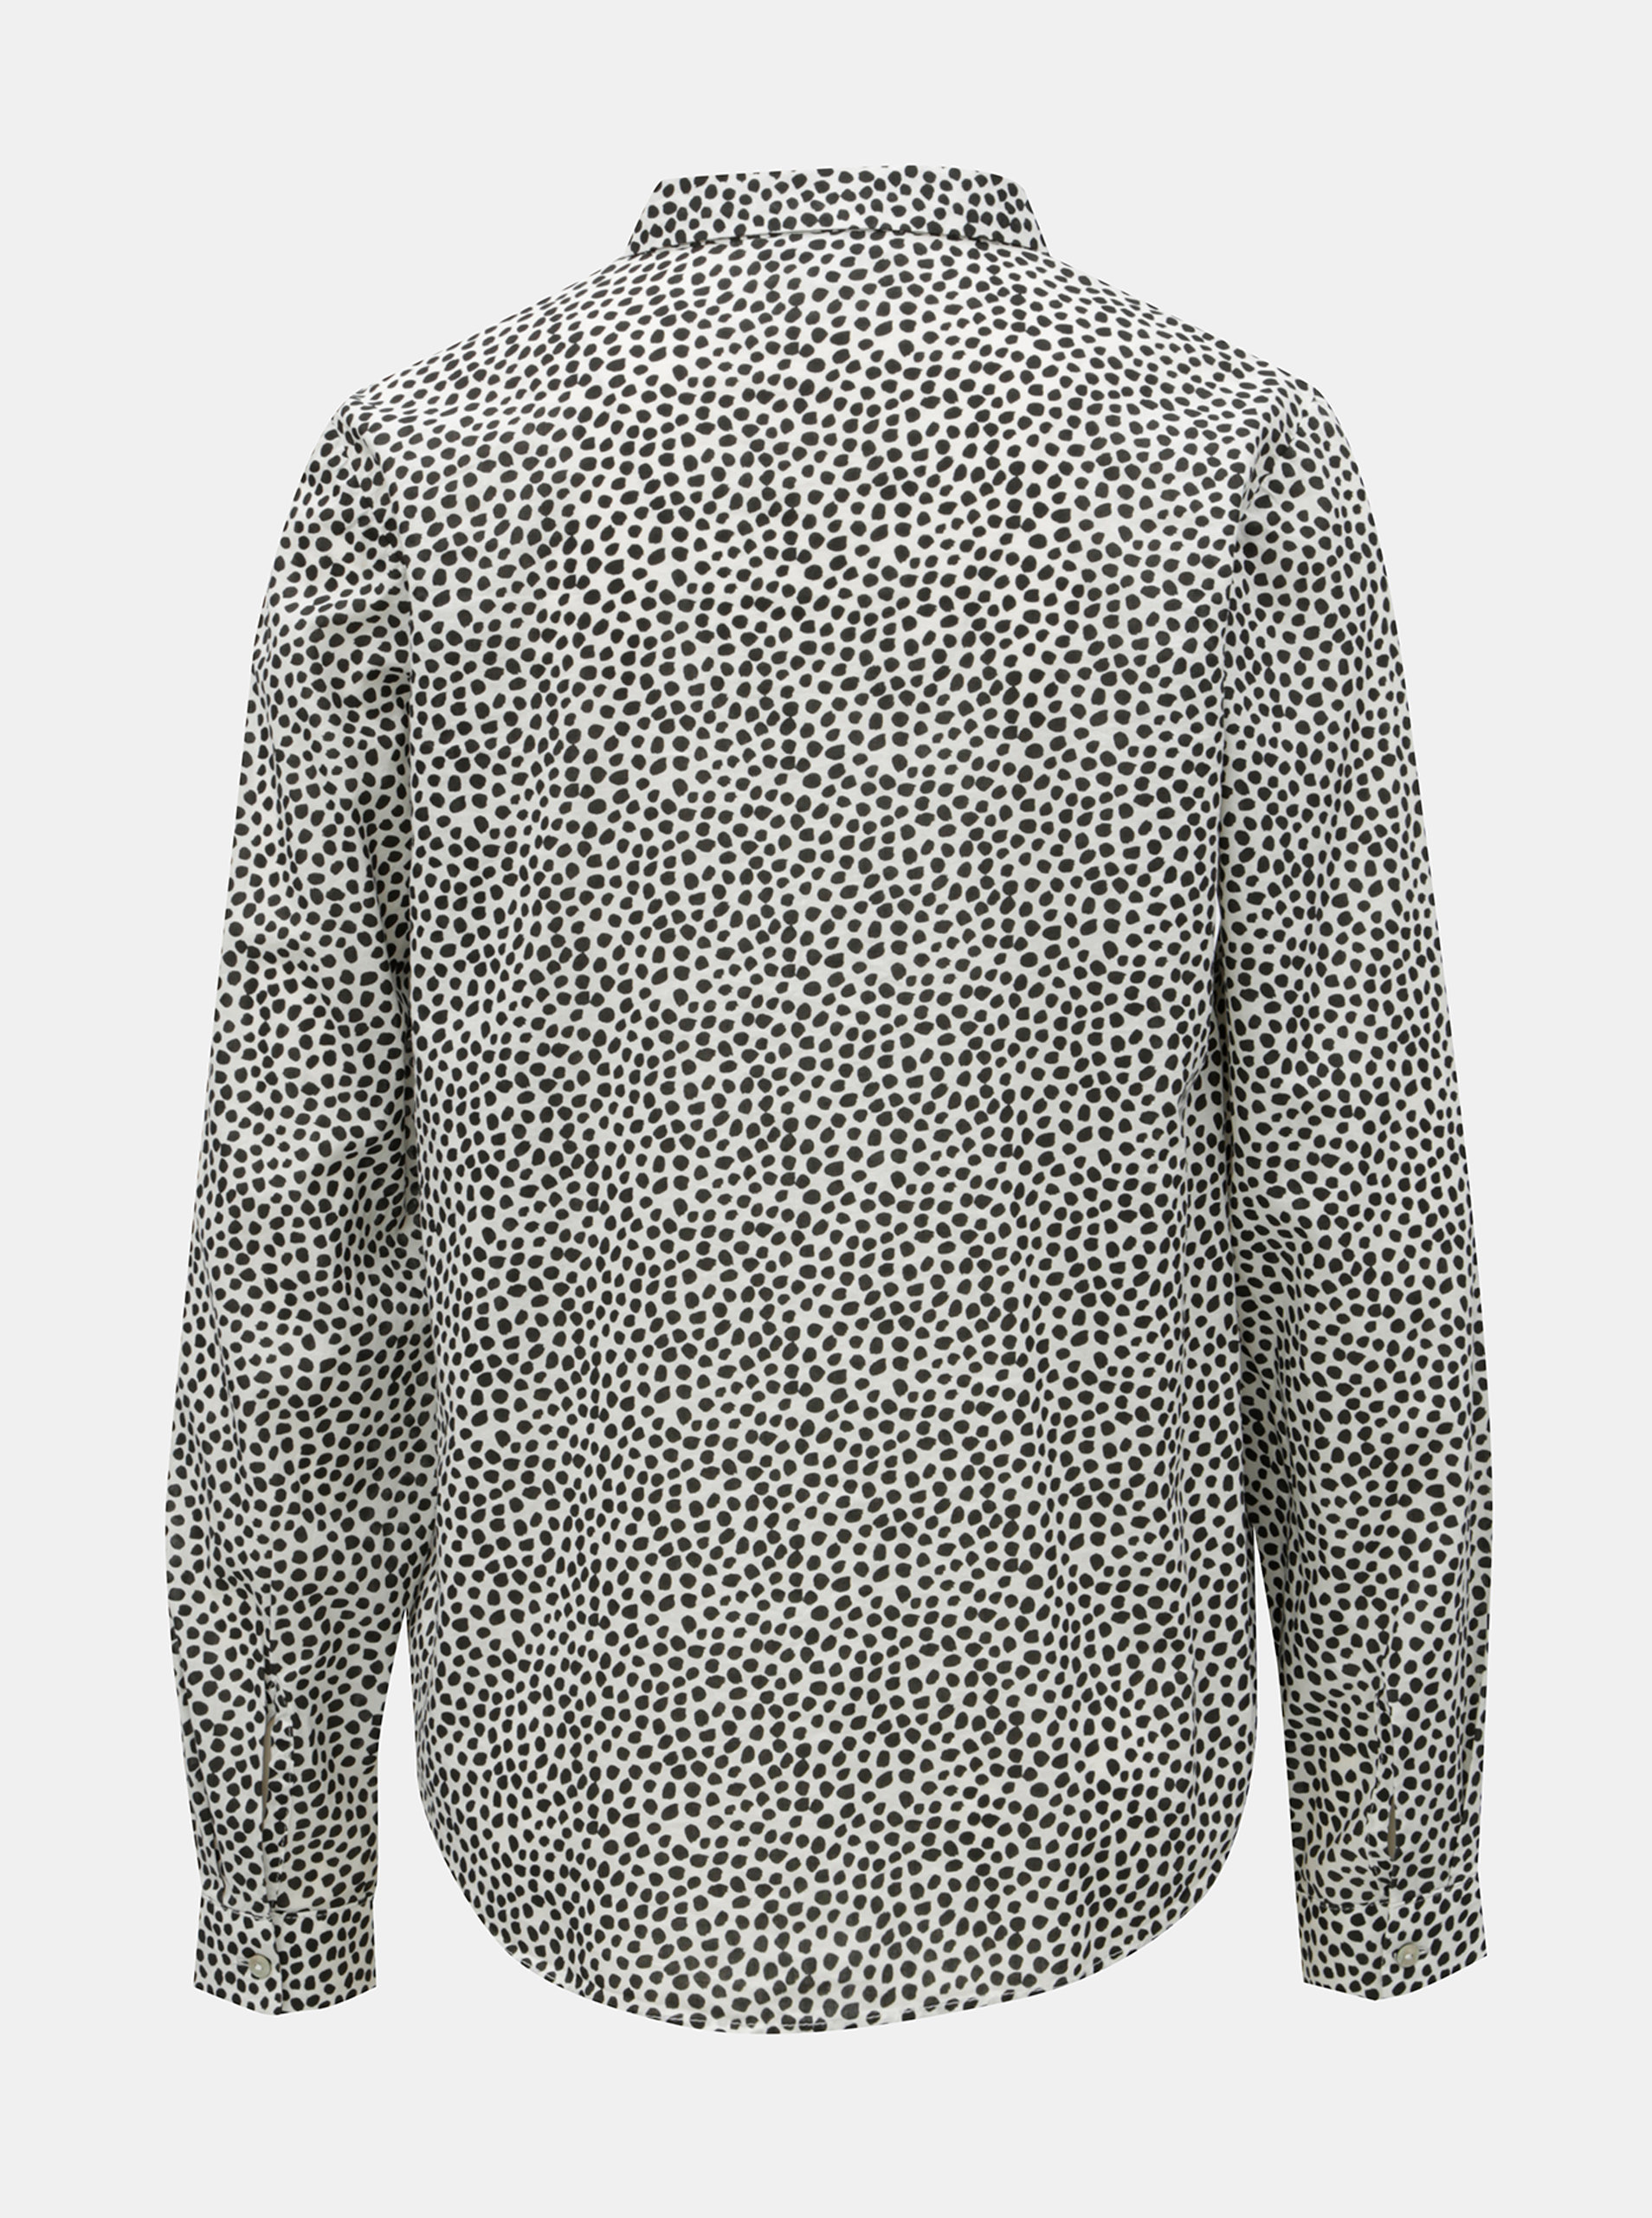 4a99034dca02 Čierno-biela dámska bodkovaná košeľa Garcia Jeans ...